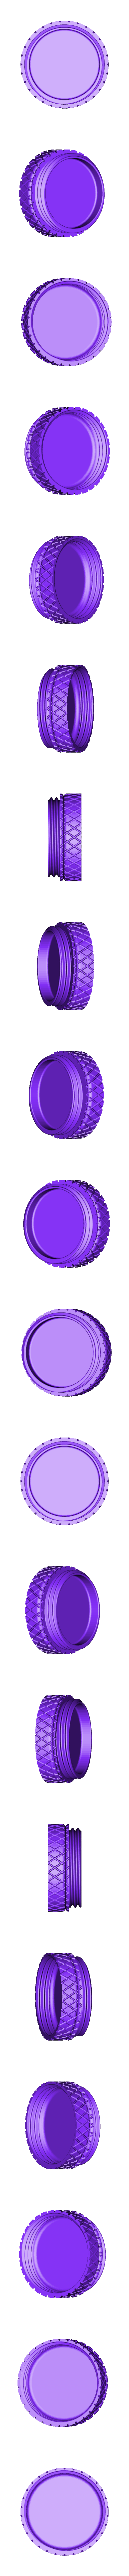 Separator_12mm.stl Télécharger fichier STL gratuit Conteneur rond avec hauteur à l'infini • Design imprimable en 3D, VICLER